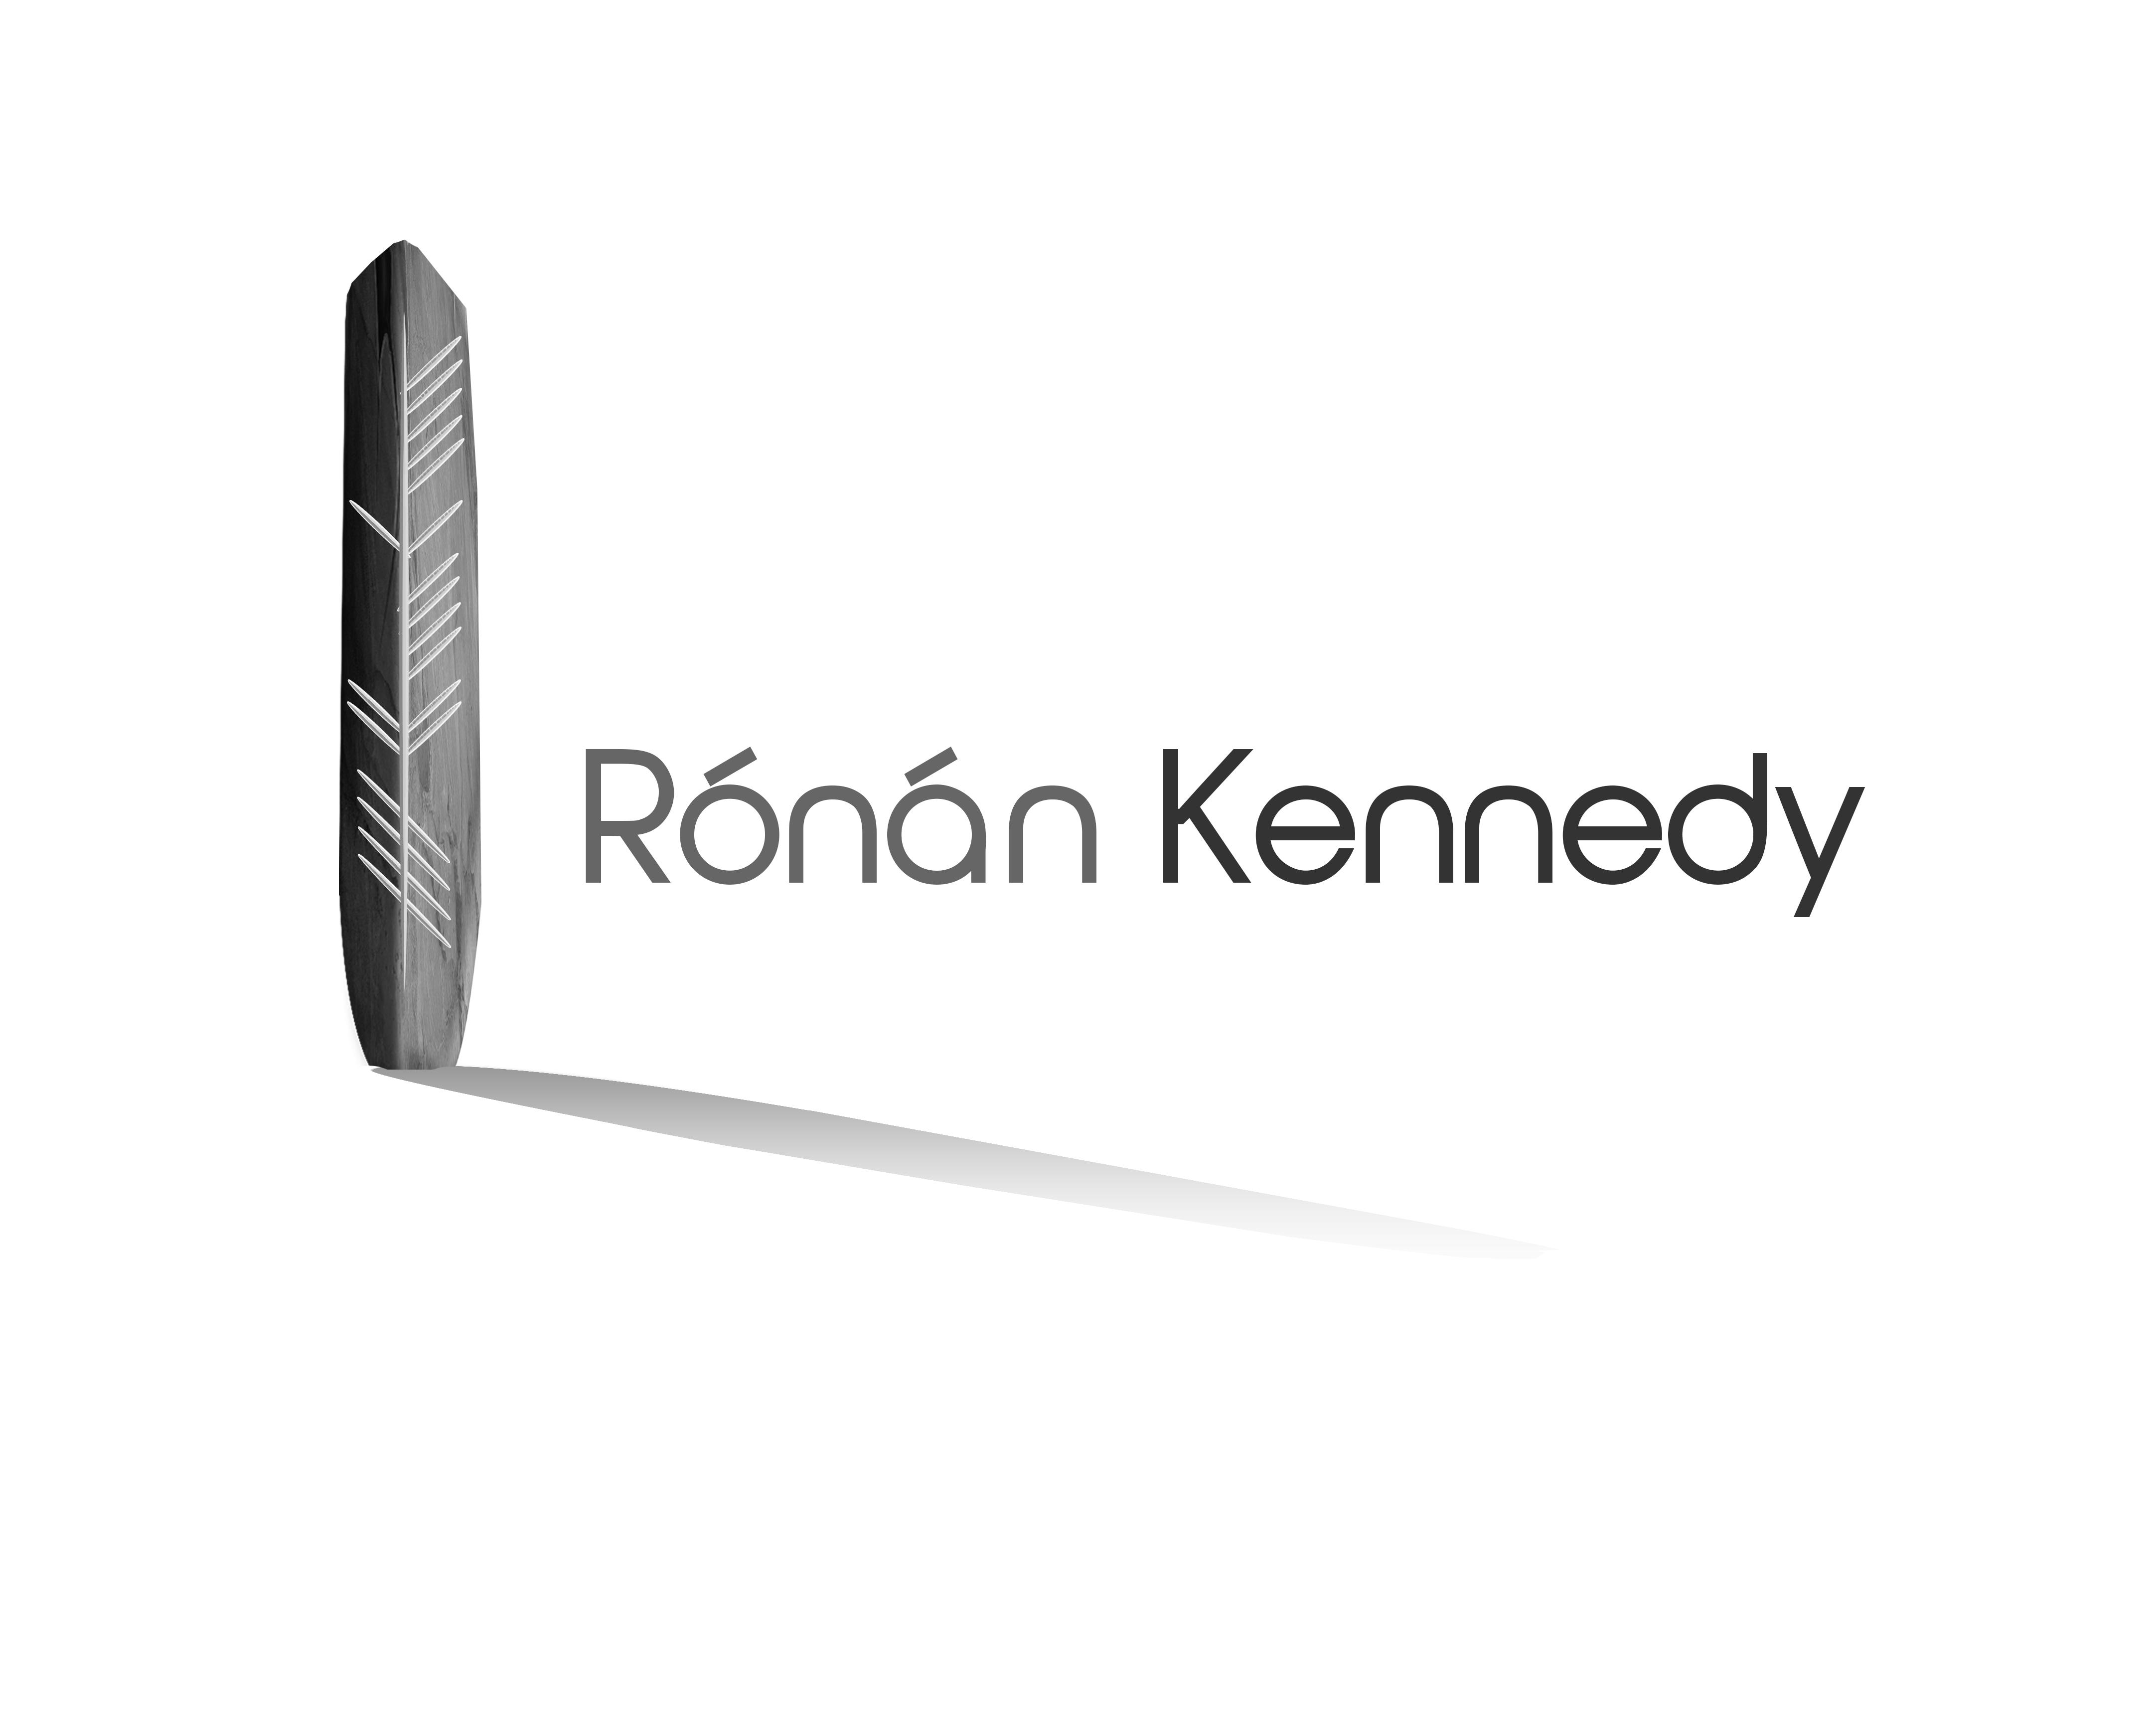 Rónán Kennedy